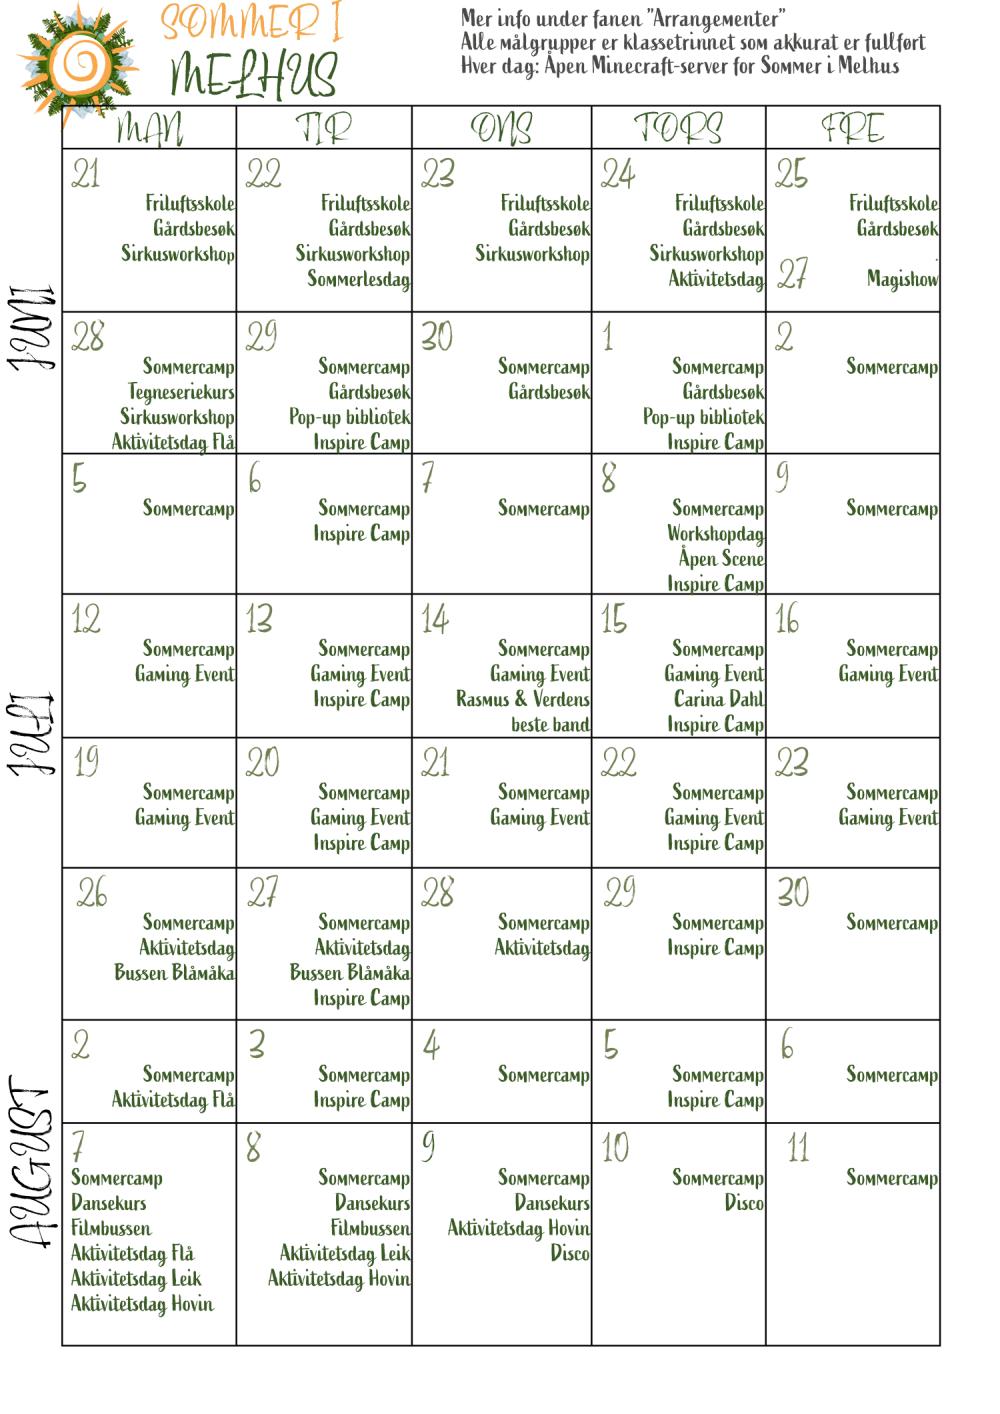 kalender sommer i Melhus